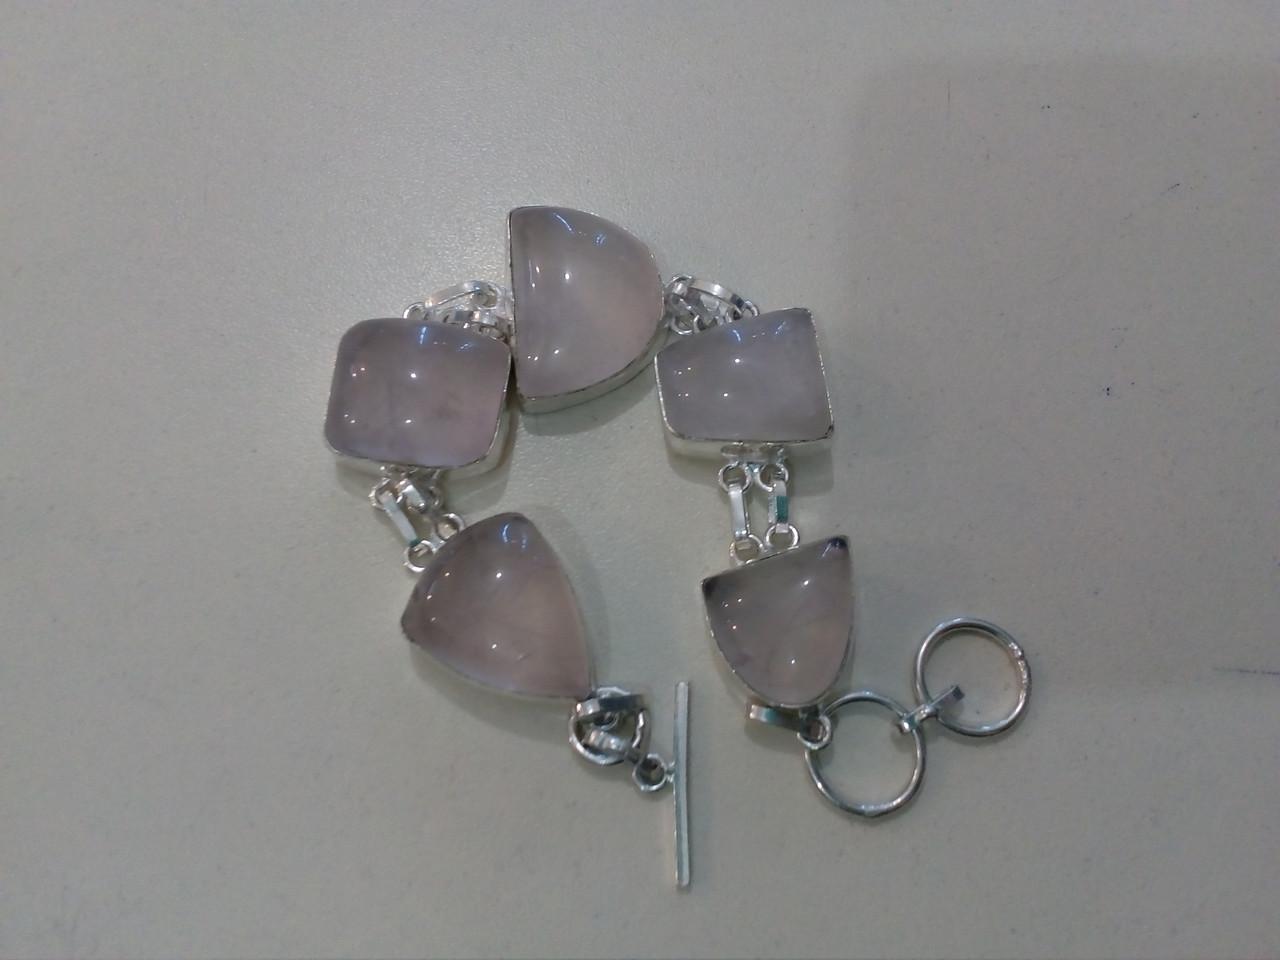 Красивый браслет - розовый кварц в серебре. Браслет с розовым кварцем.